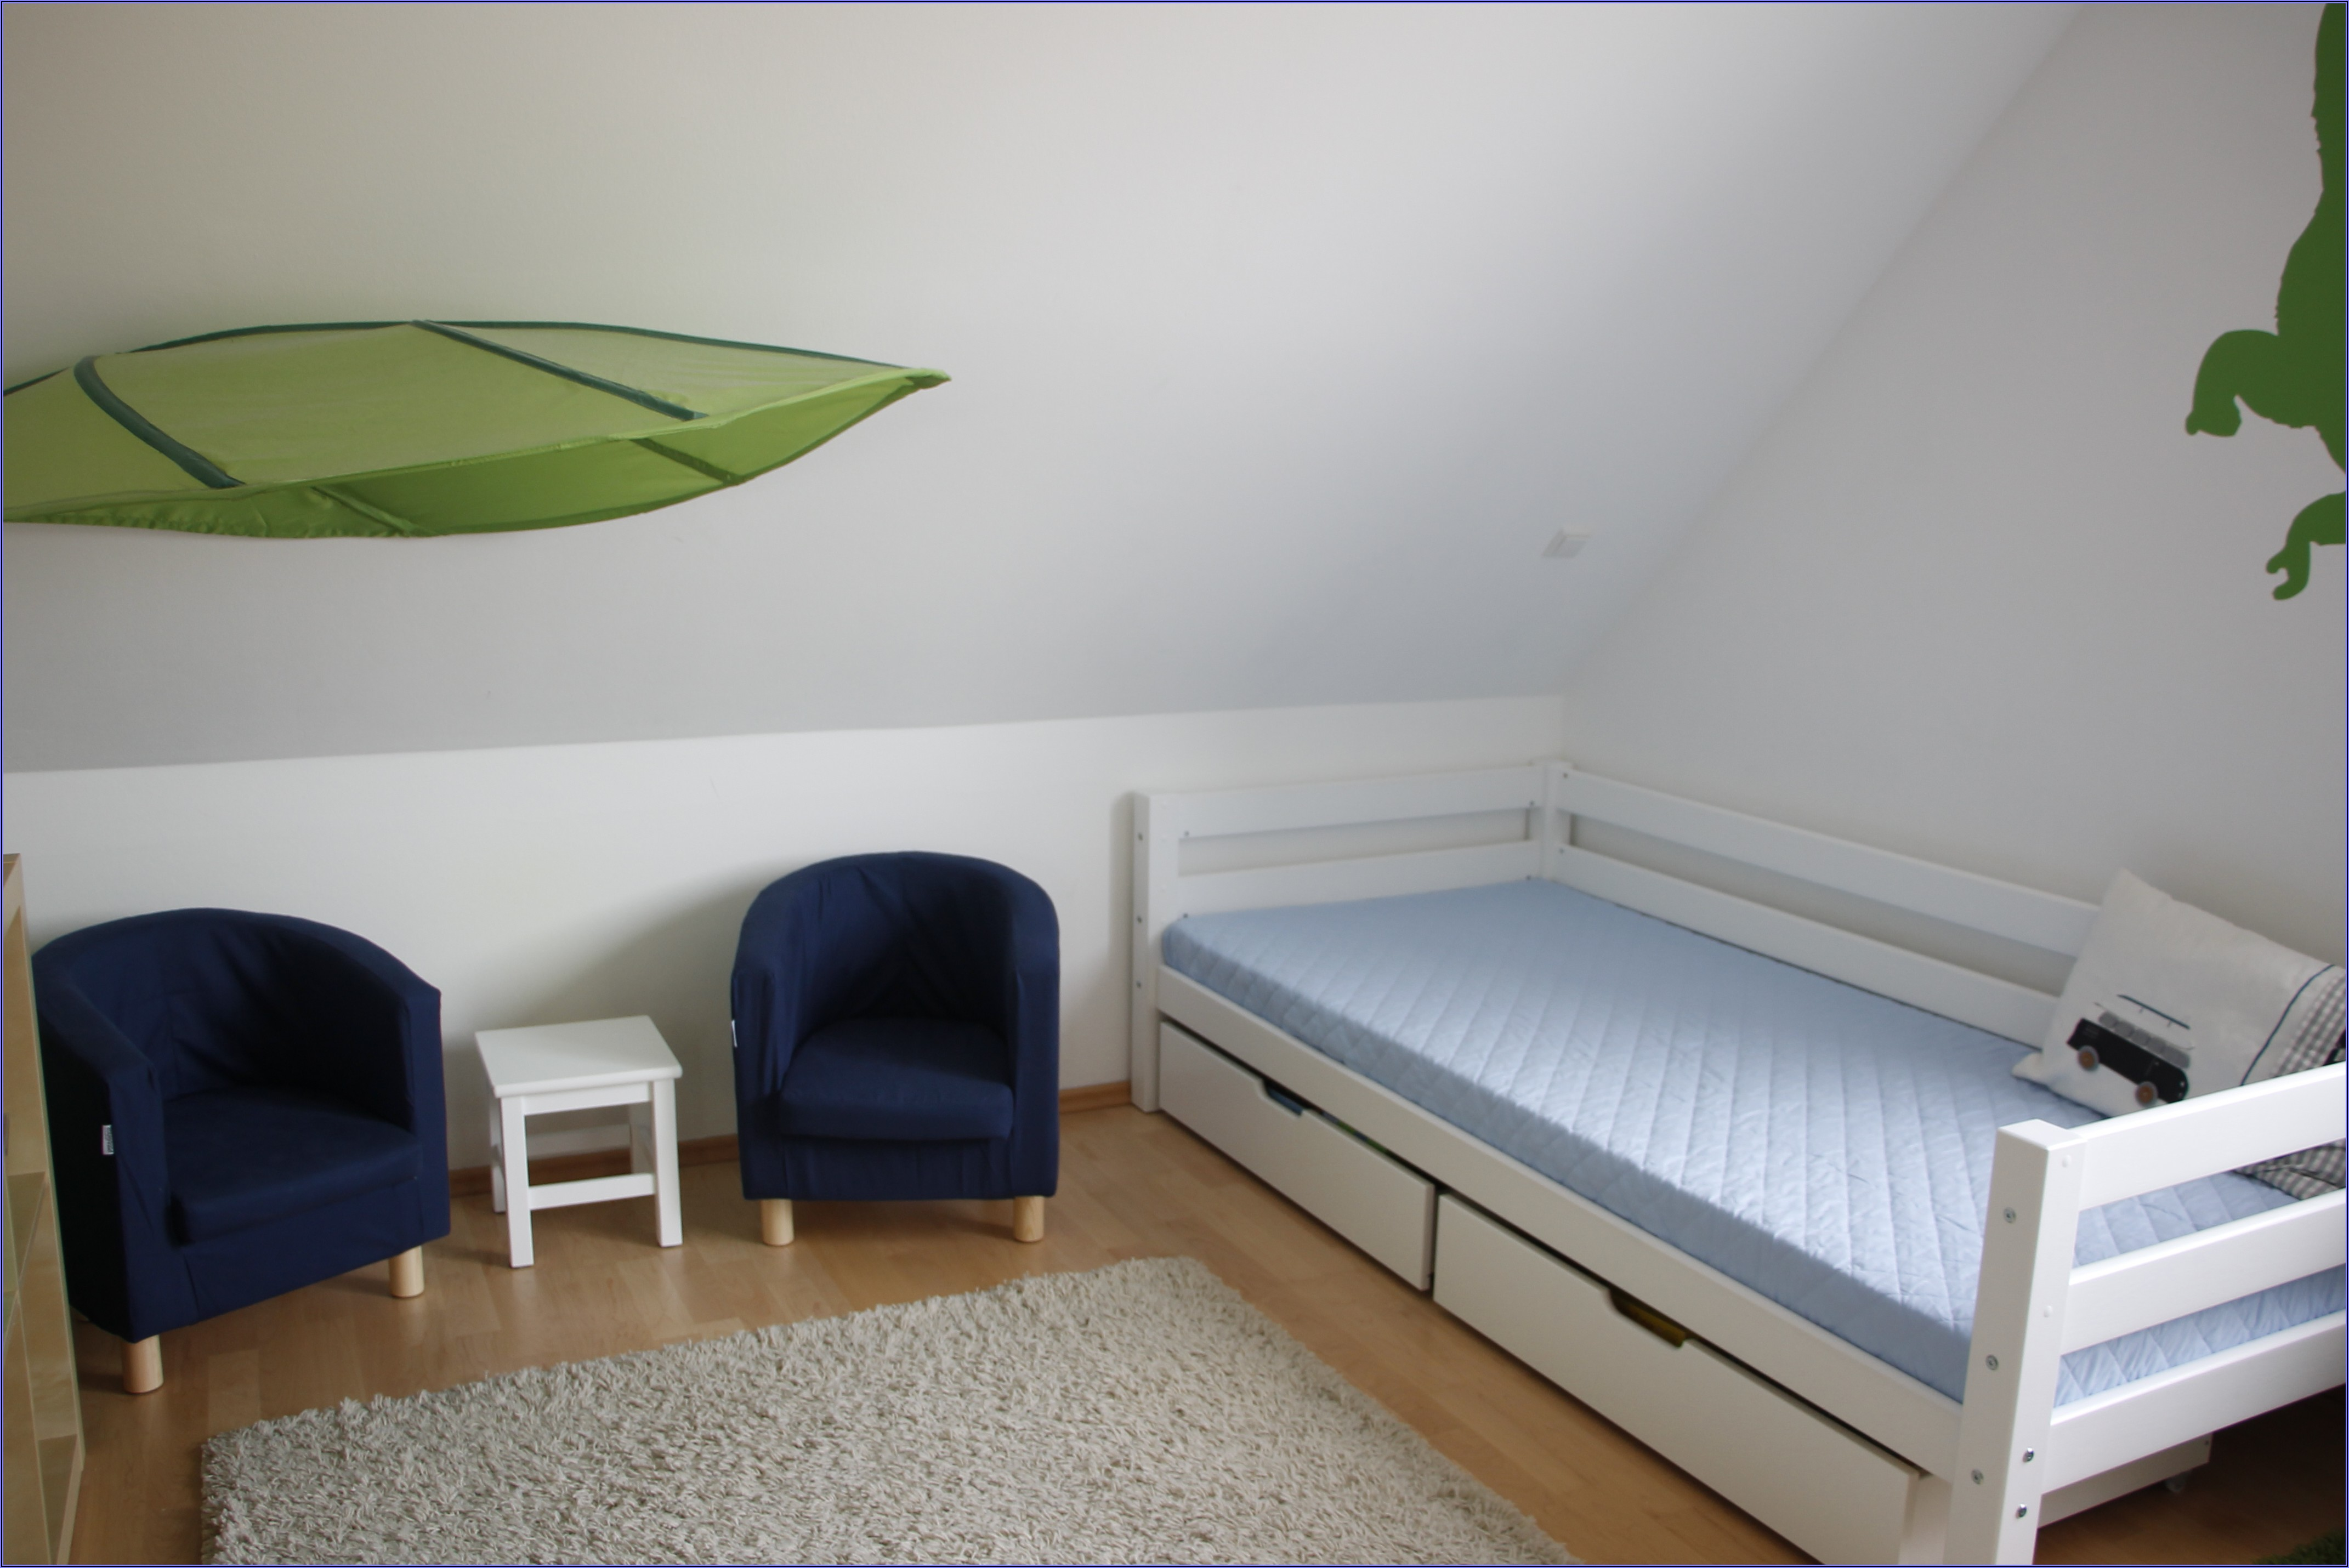 Möbel Richtig Positionieren Kinderzimmer